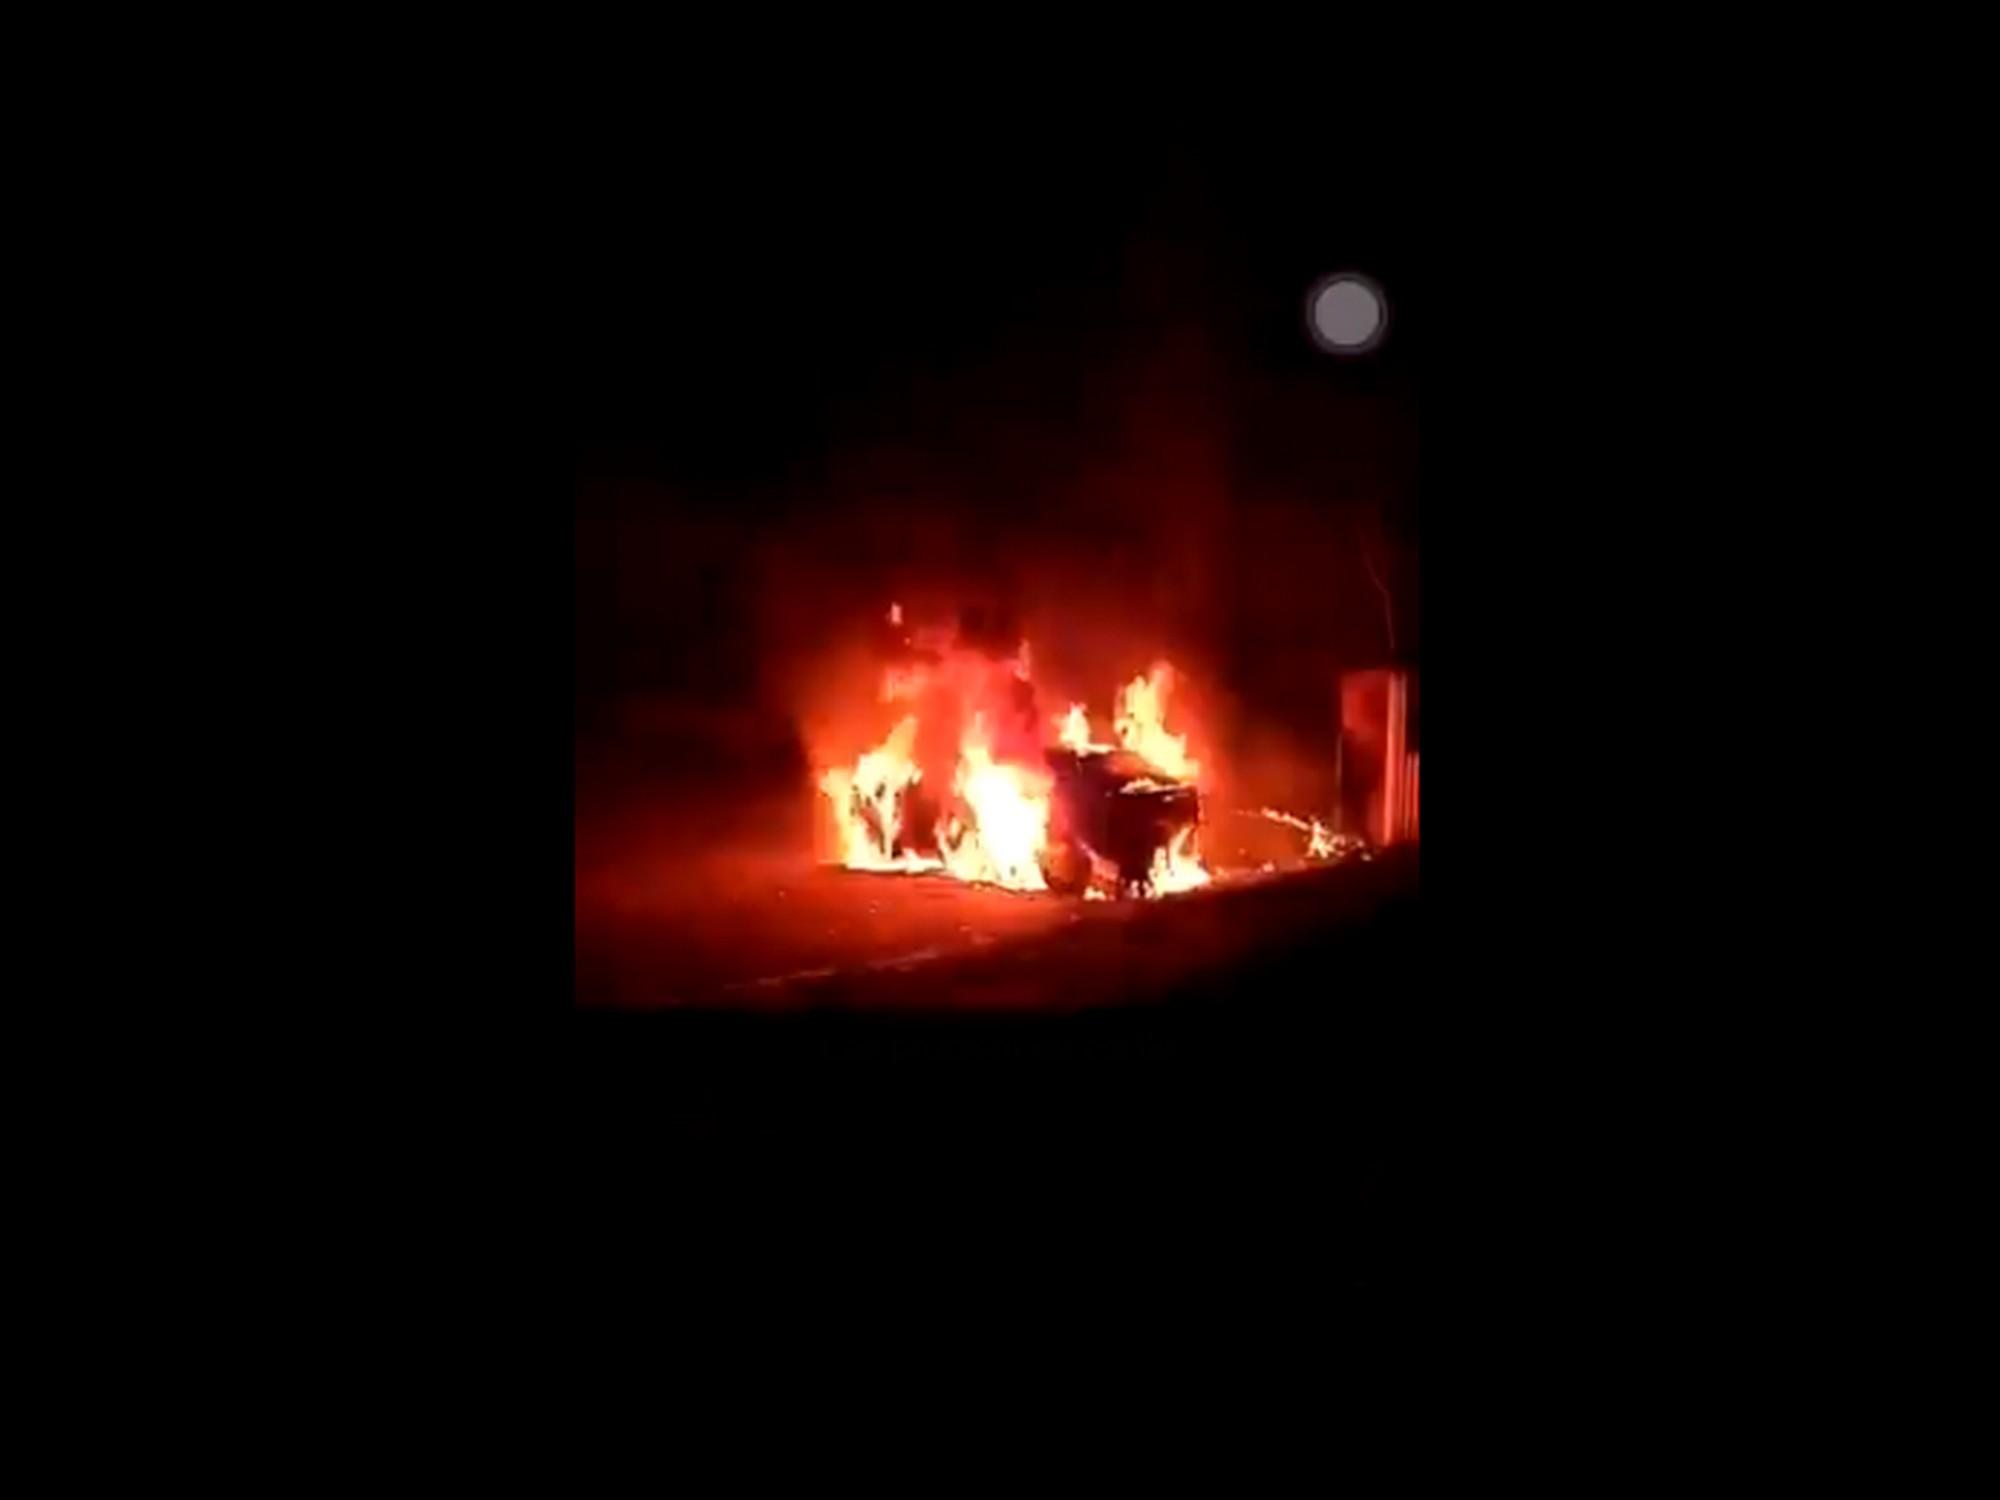 [Étouvie] Nouvel incendie de véhicule ce week-end